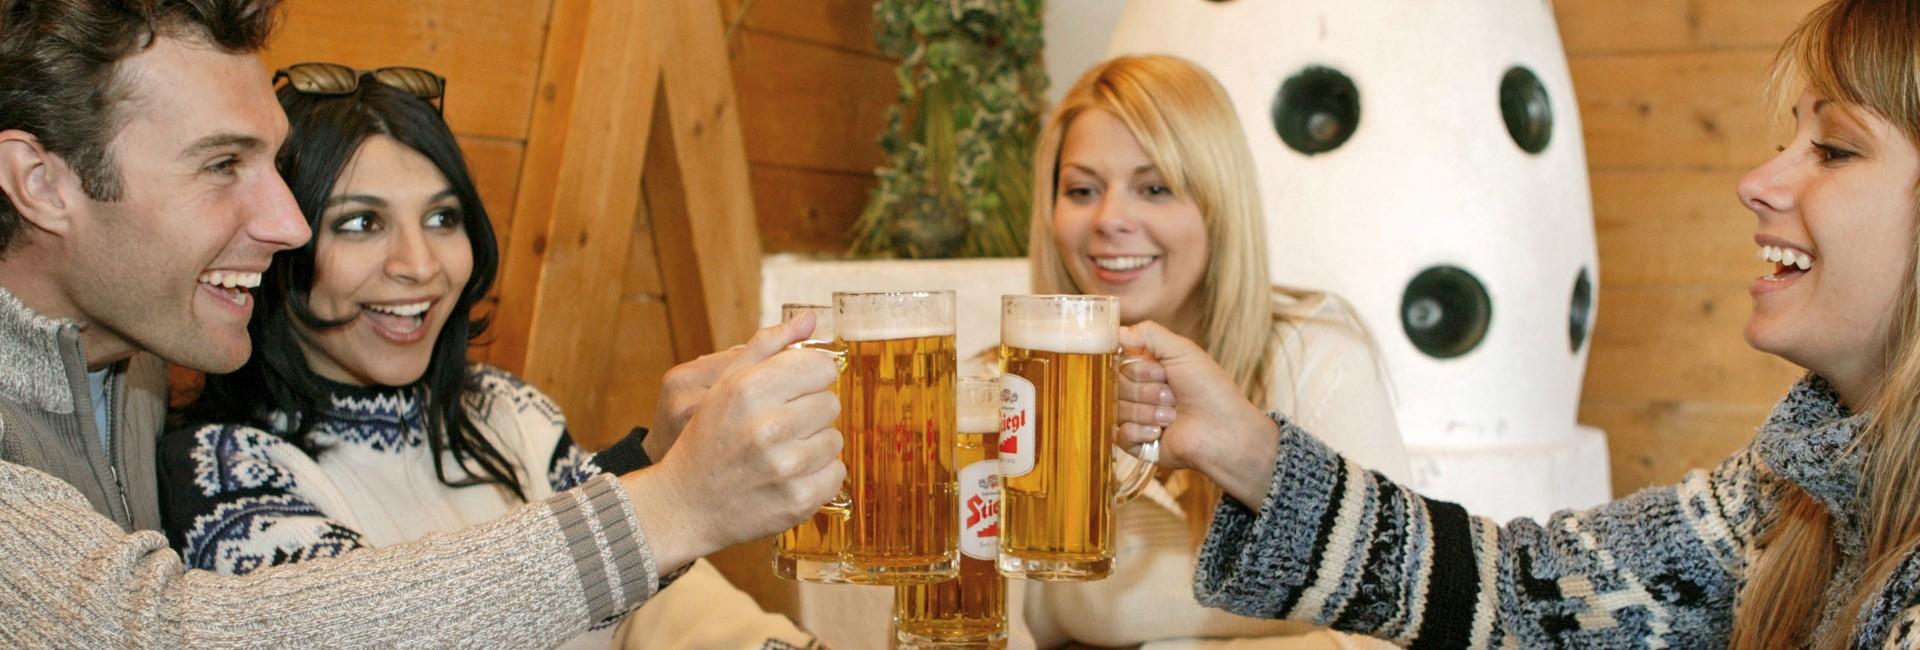 Biergenuss Woche Hochzeiger